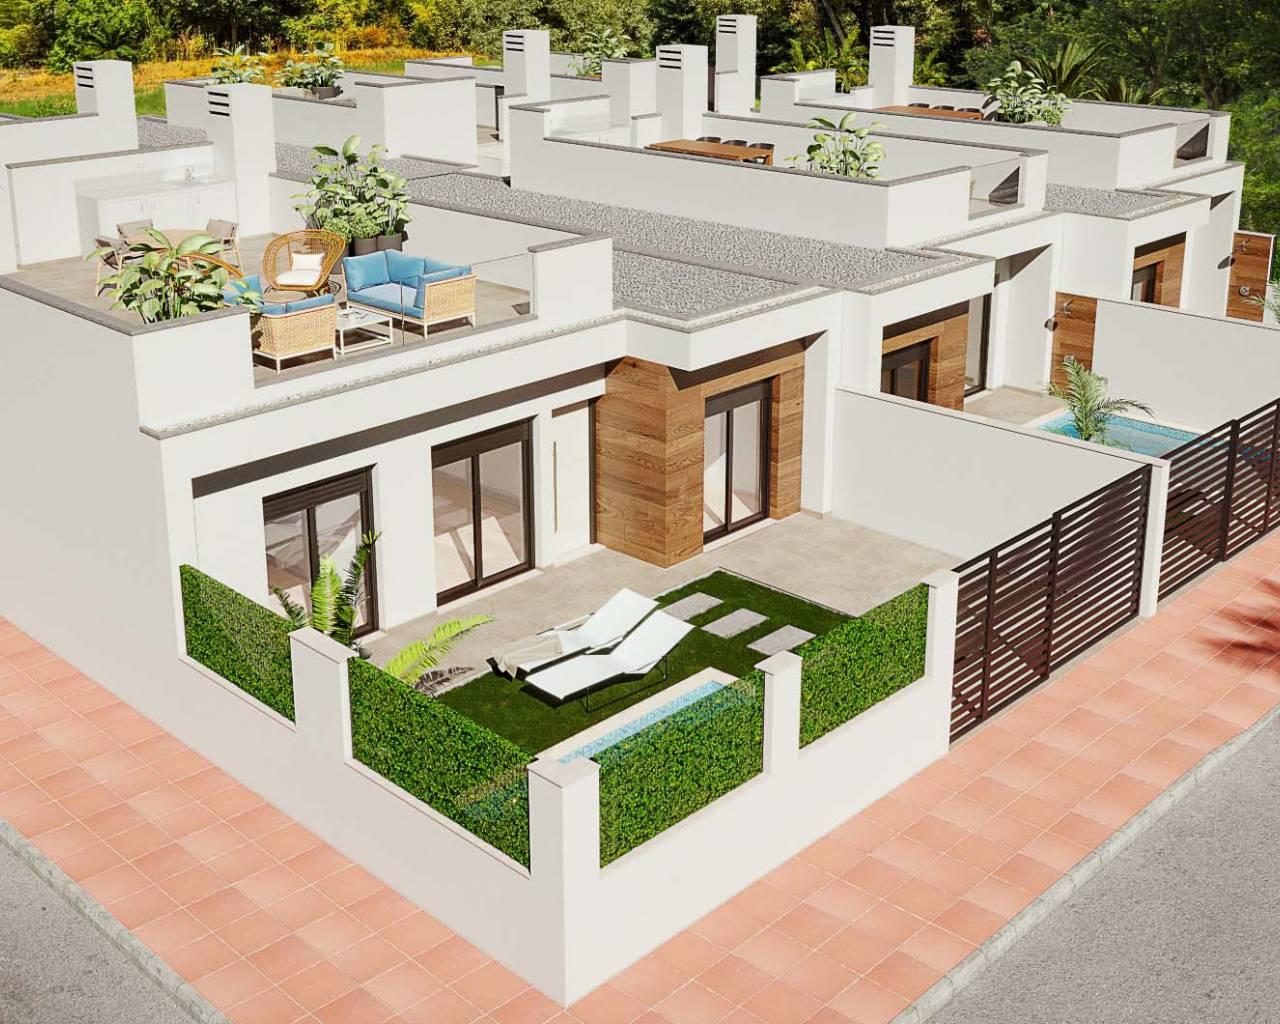 nieuwbouw-geschakelde-woning-duplex-torre-pacheco-dolores_5564_xl